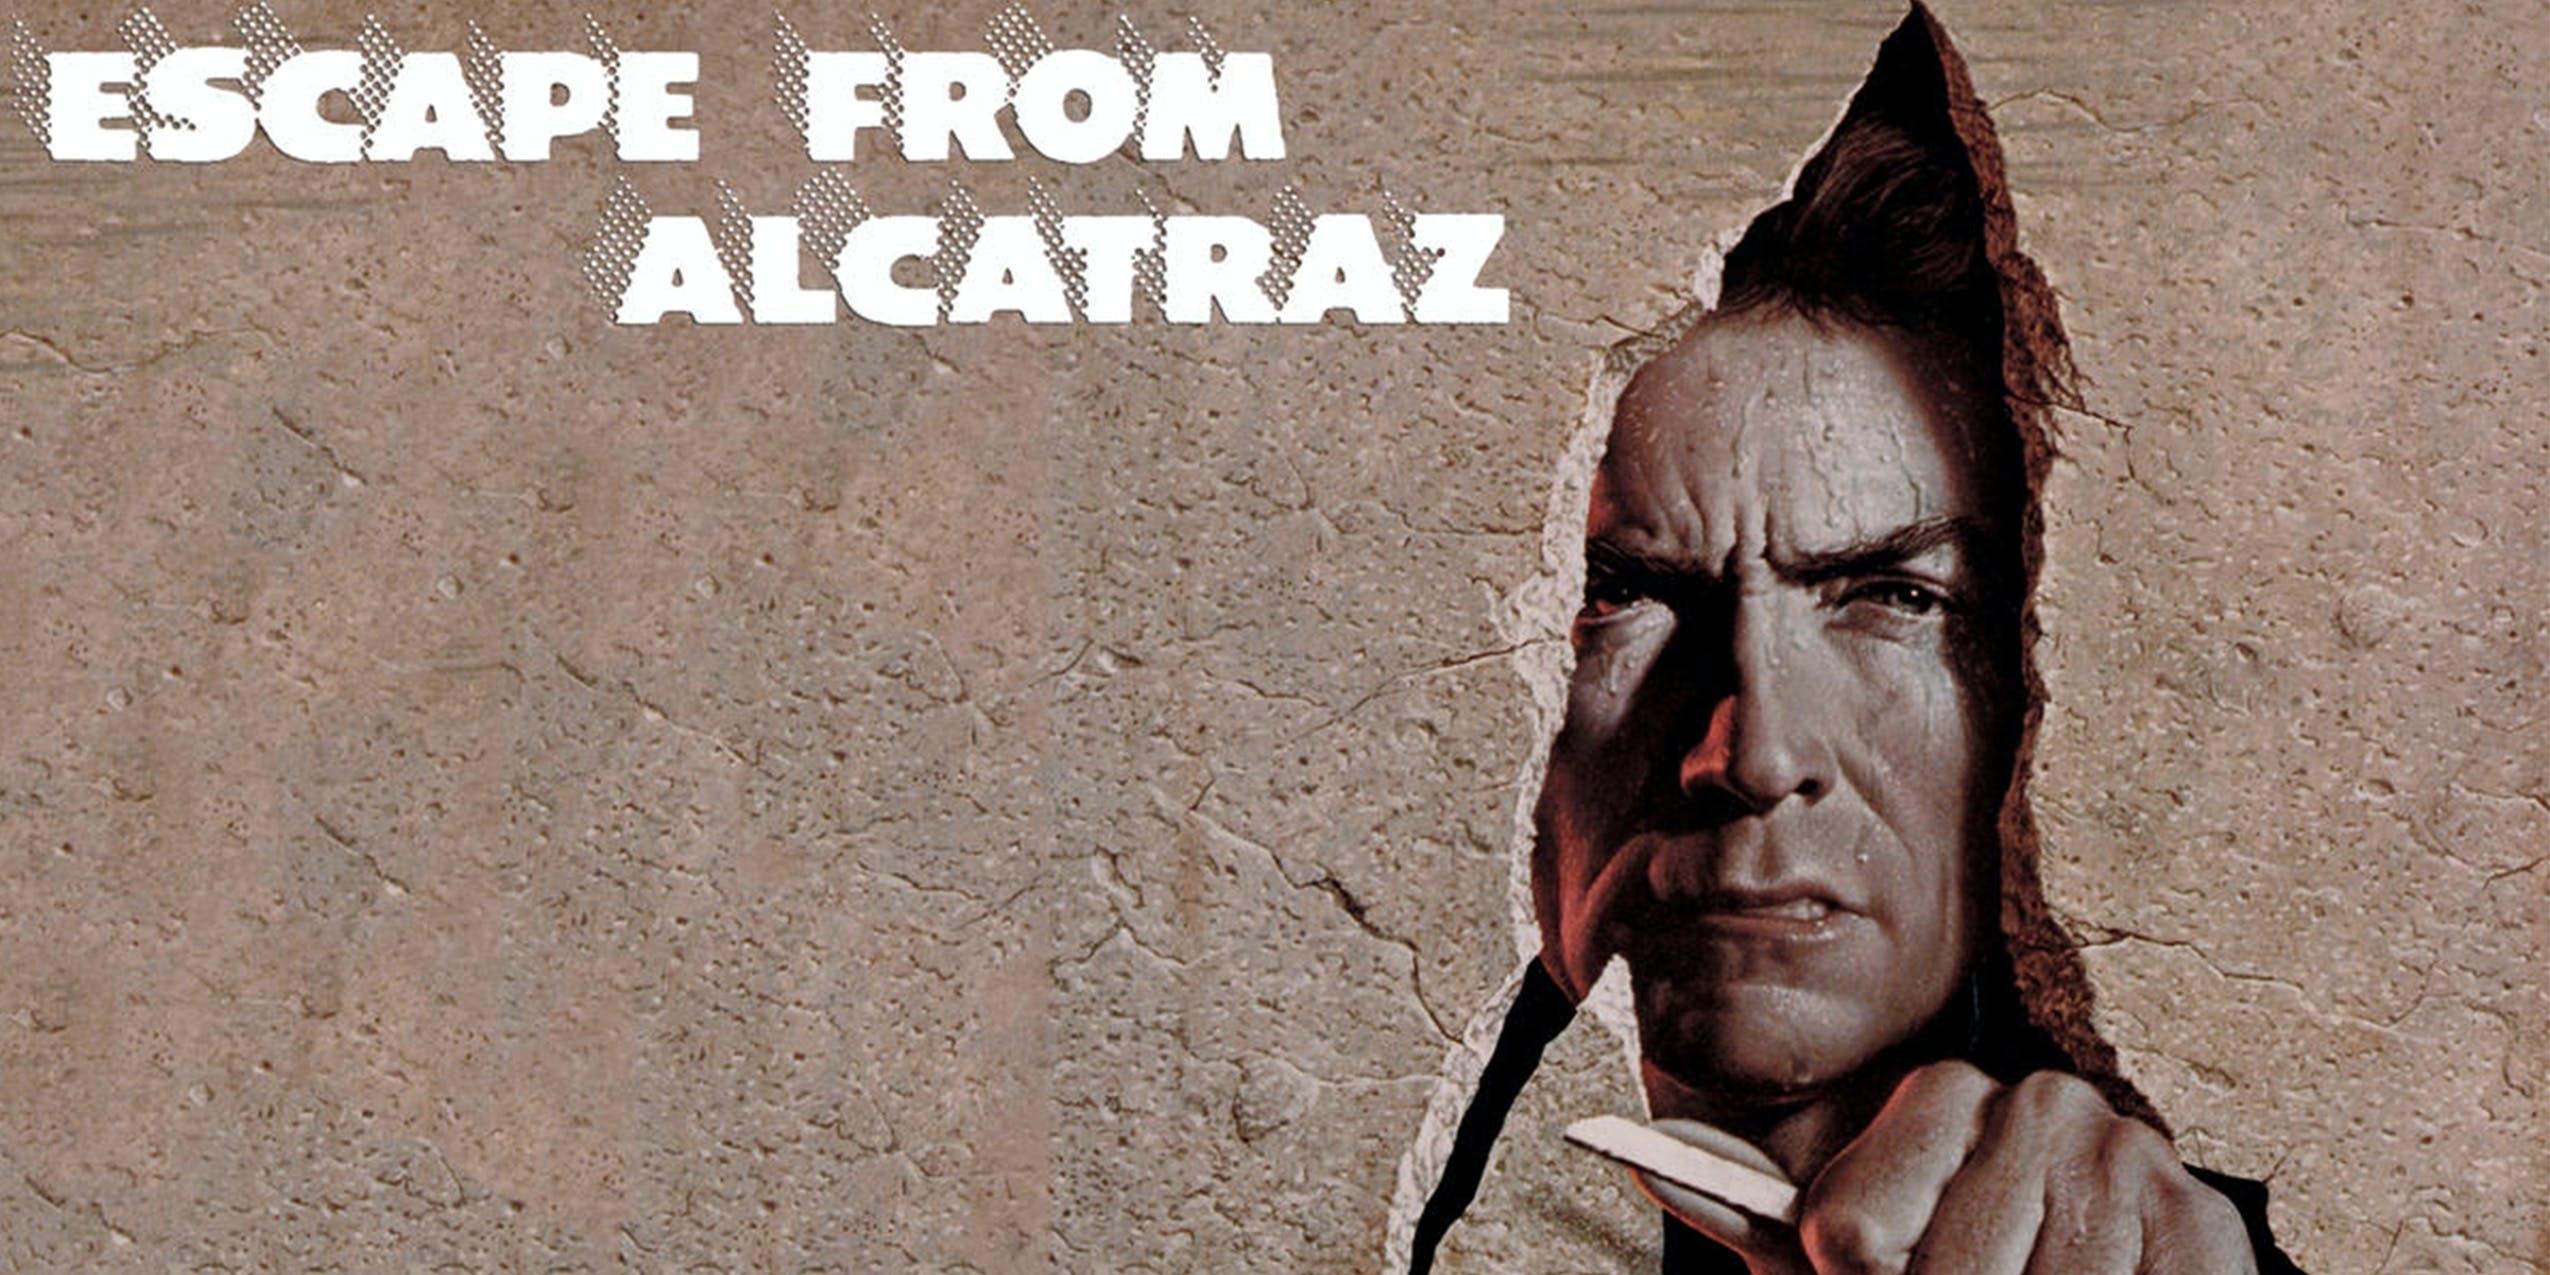 escape from Alcatraz hulu classic movies